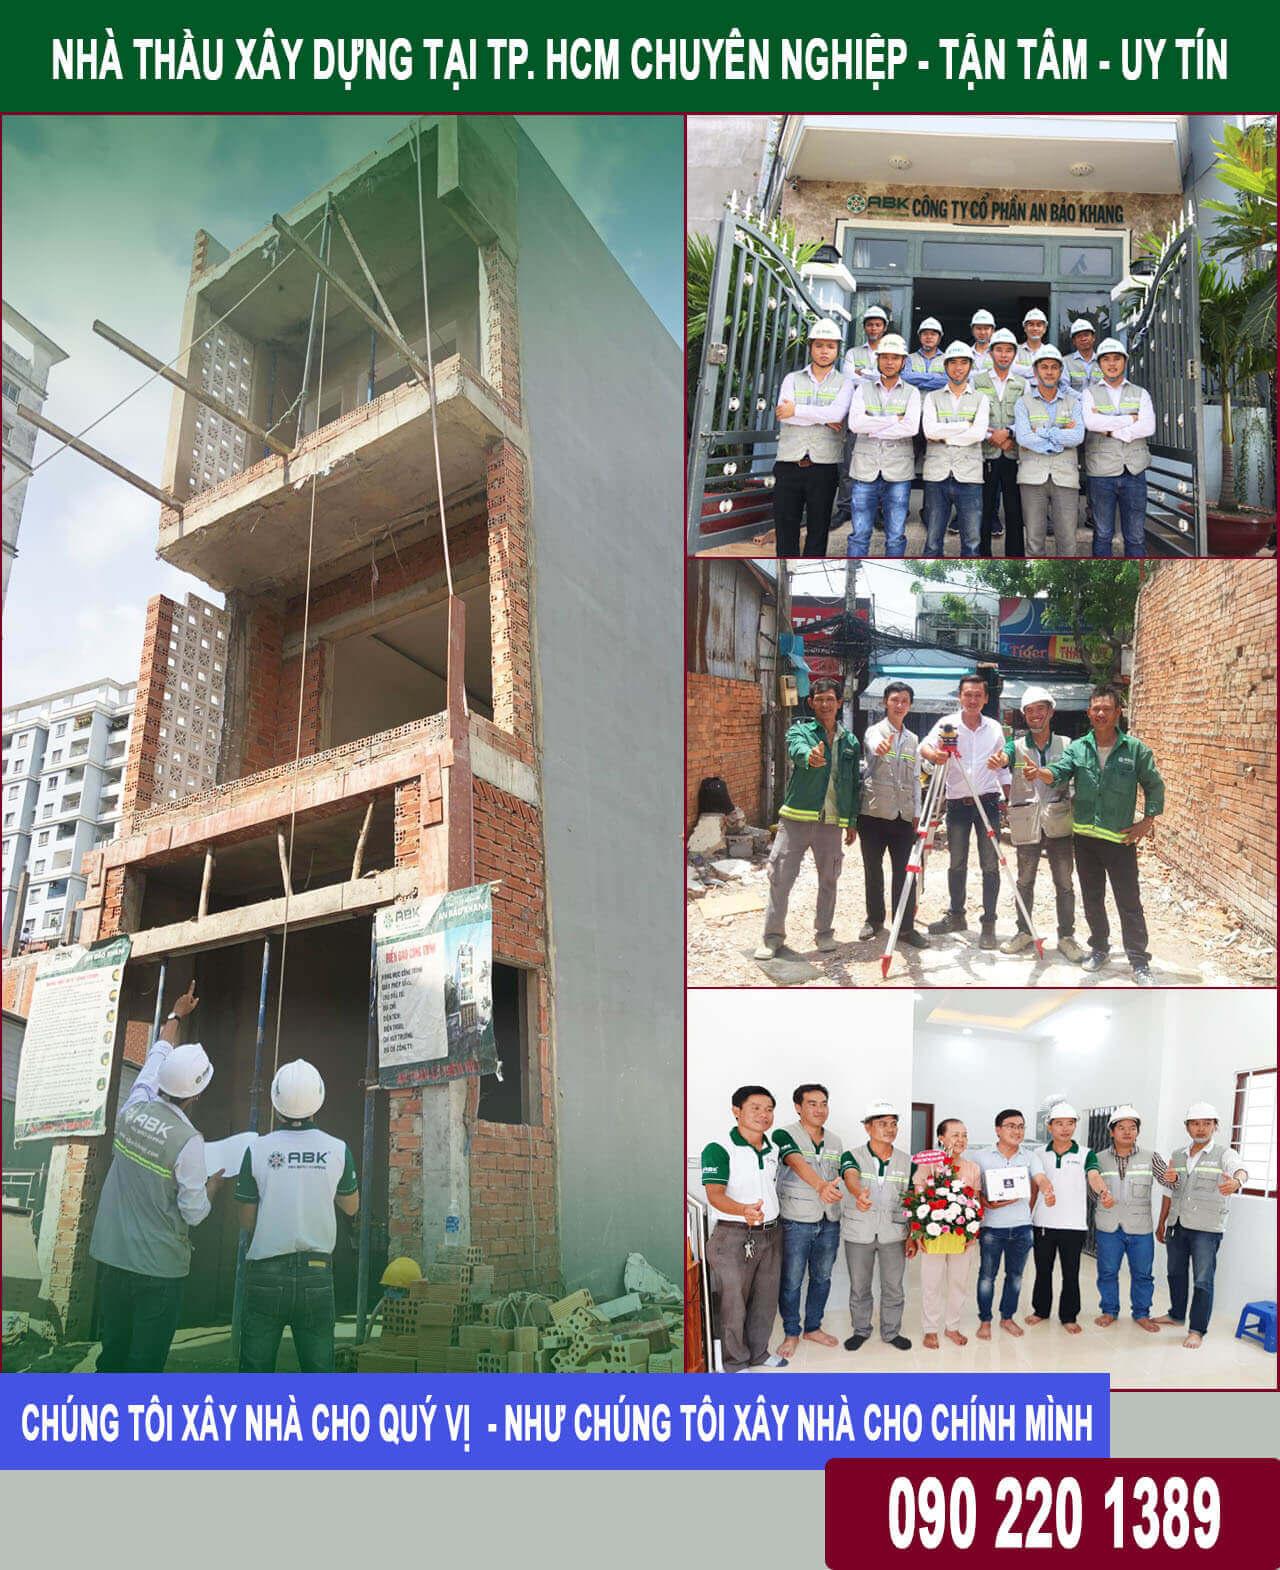 Nhà thầu xây dựng nhà chuyên nghiệp tại Tp HCM